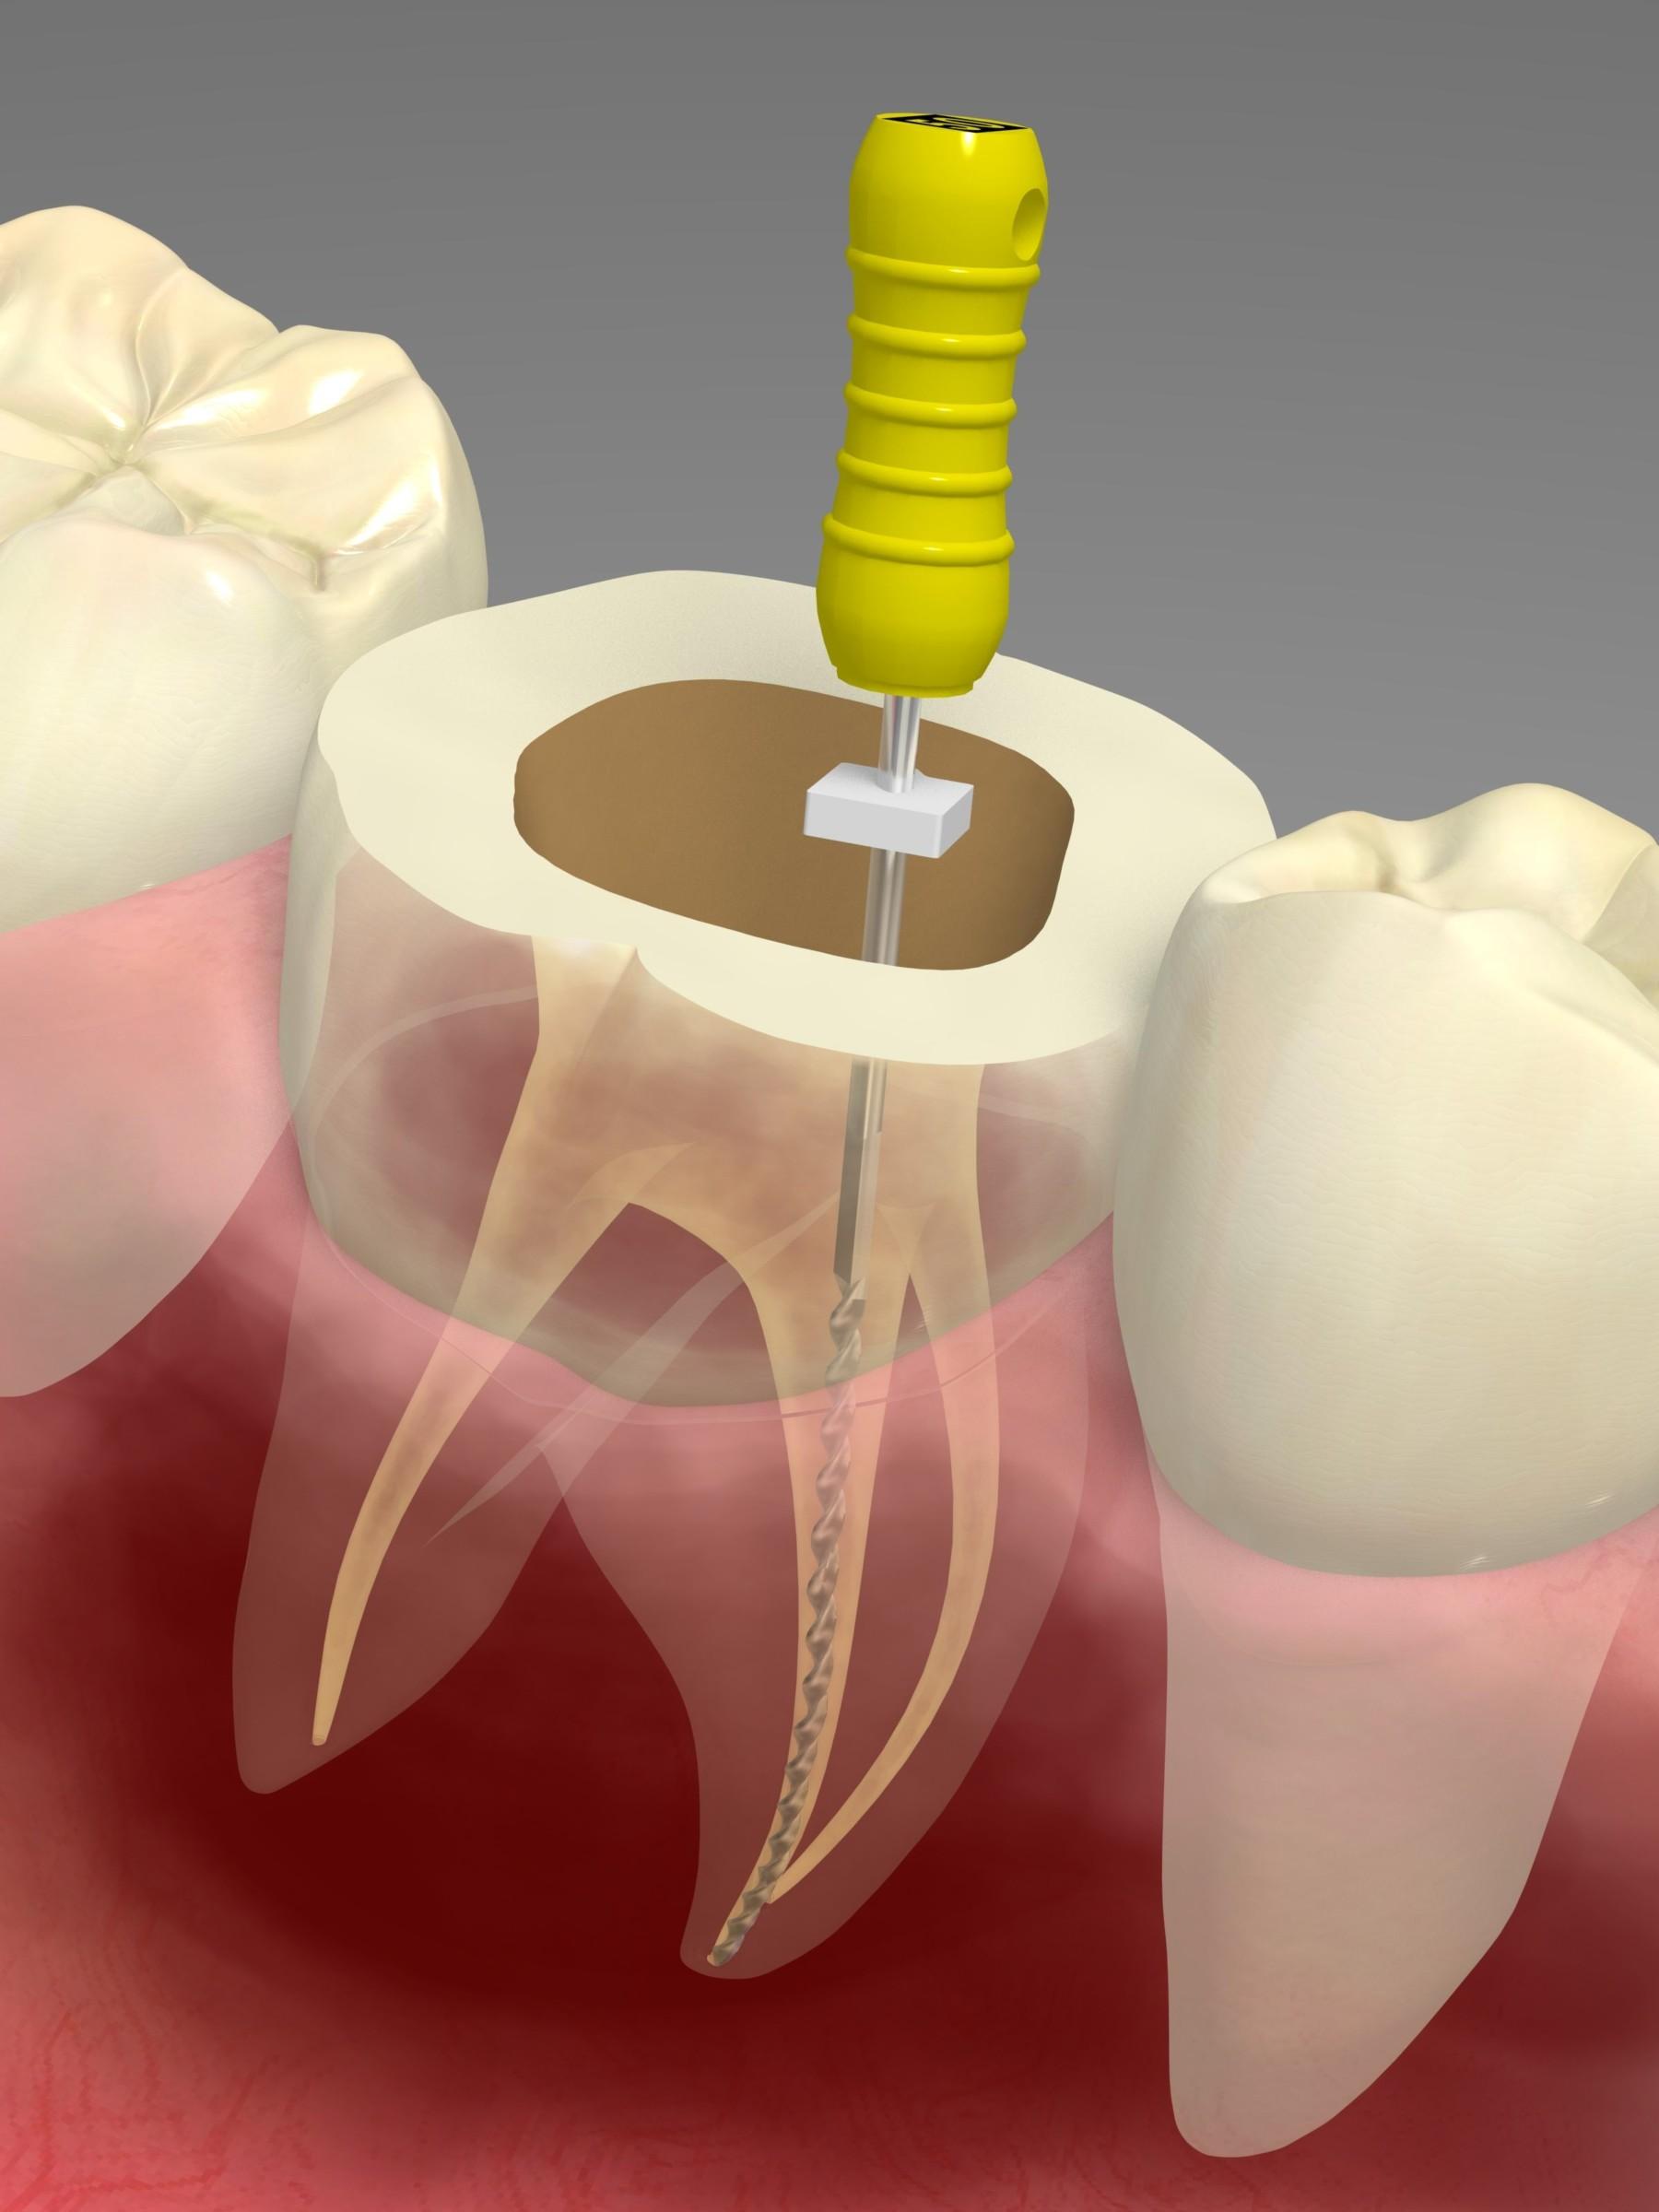 中台寿一歯科医院 一般歯科 根管治療